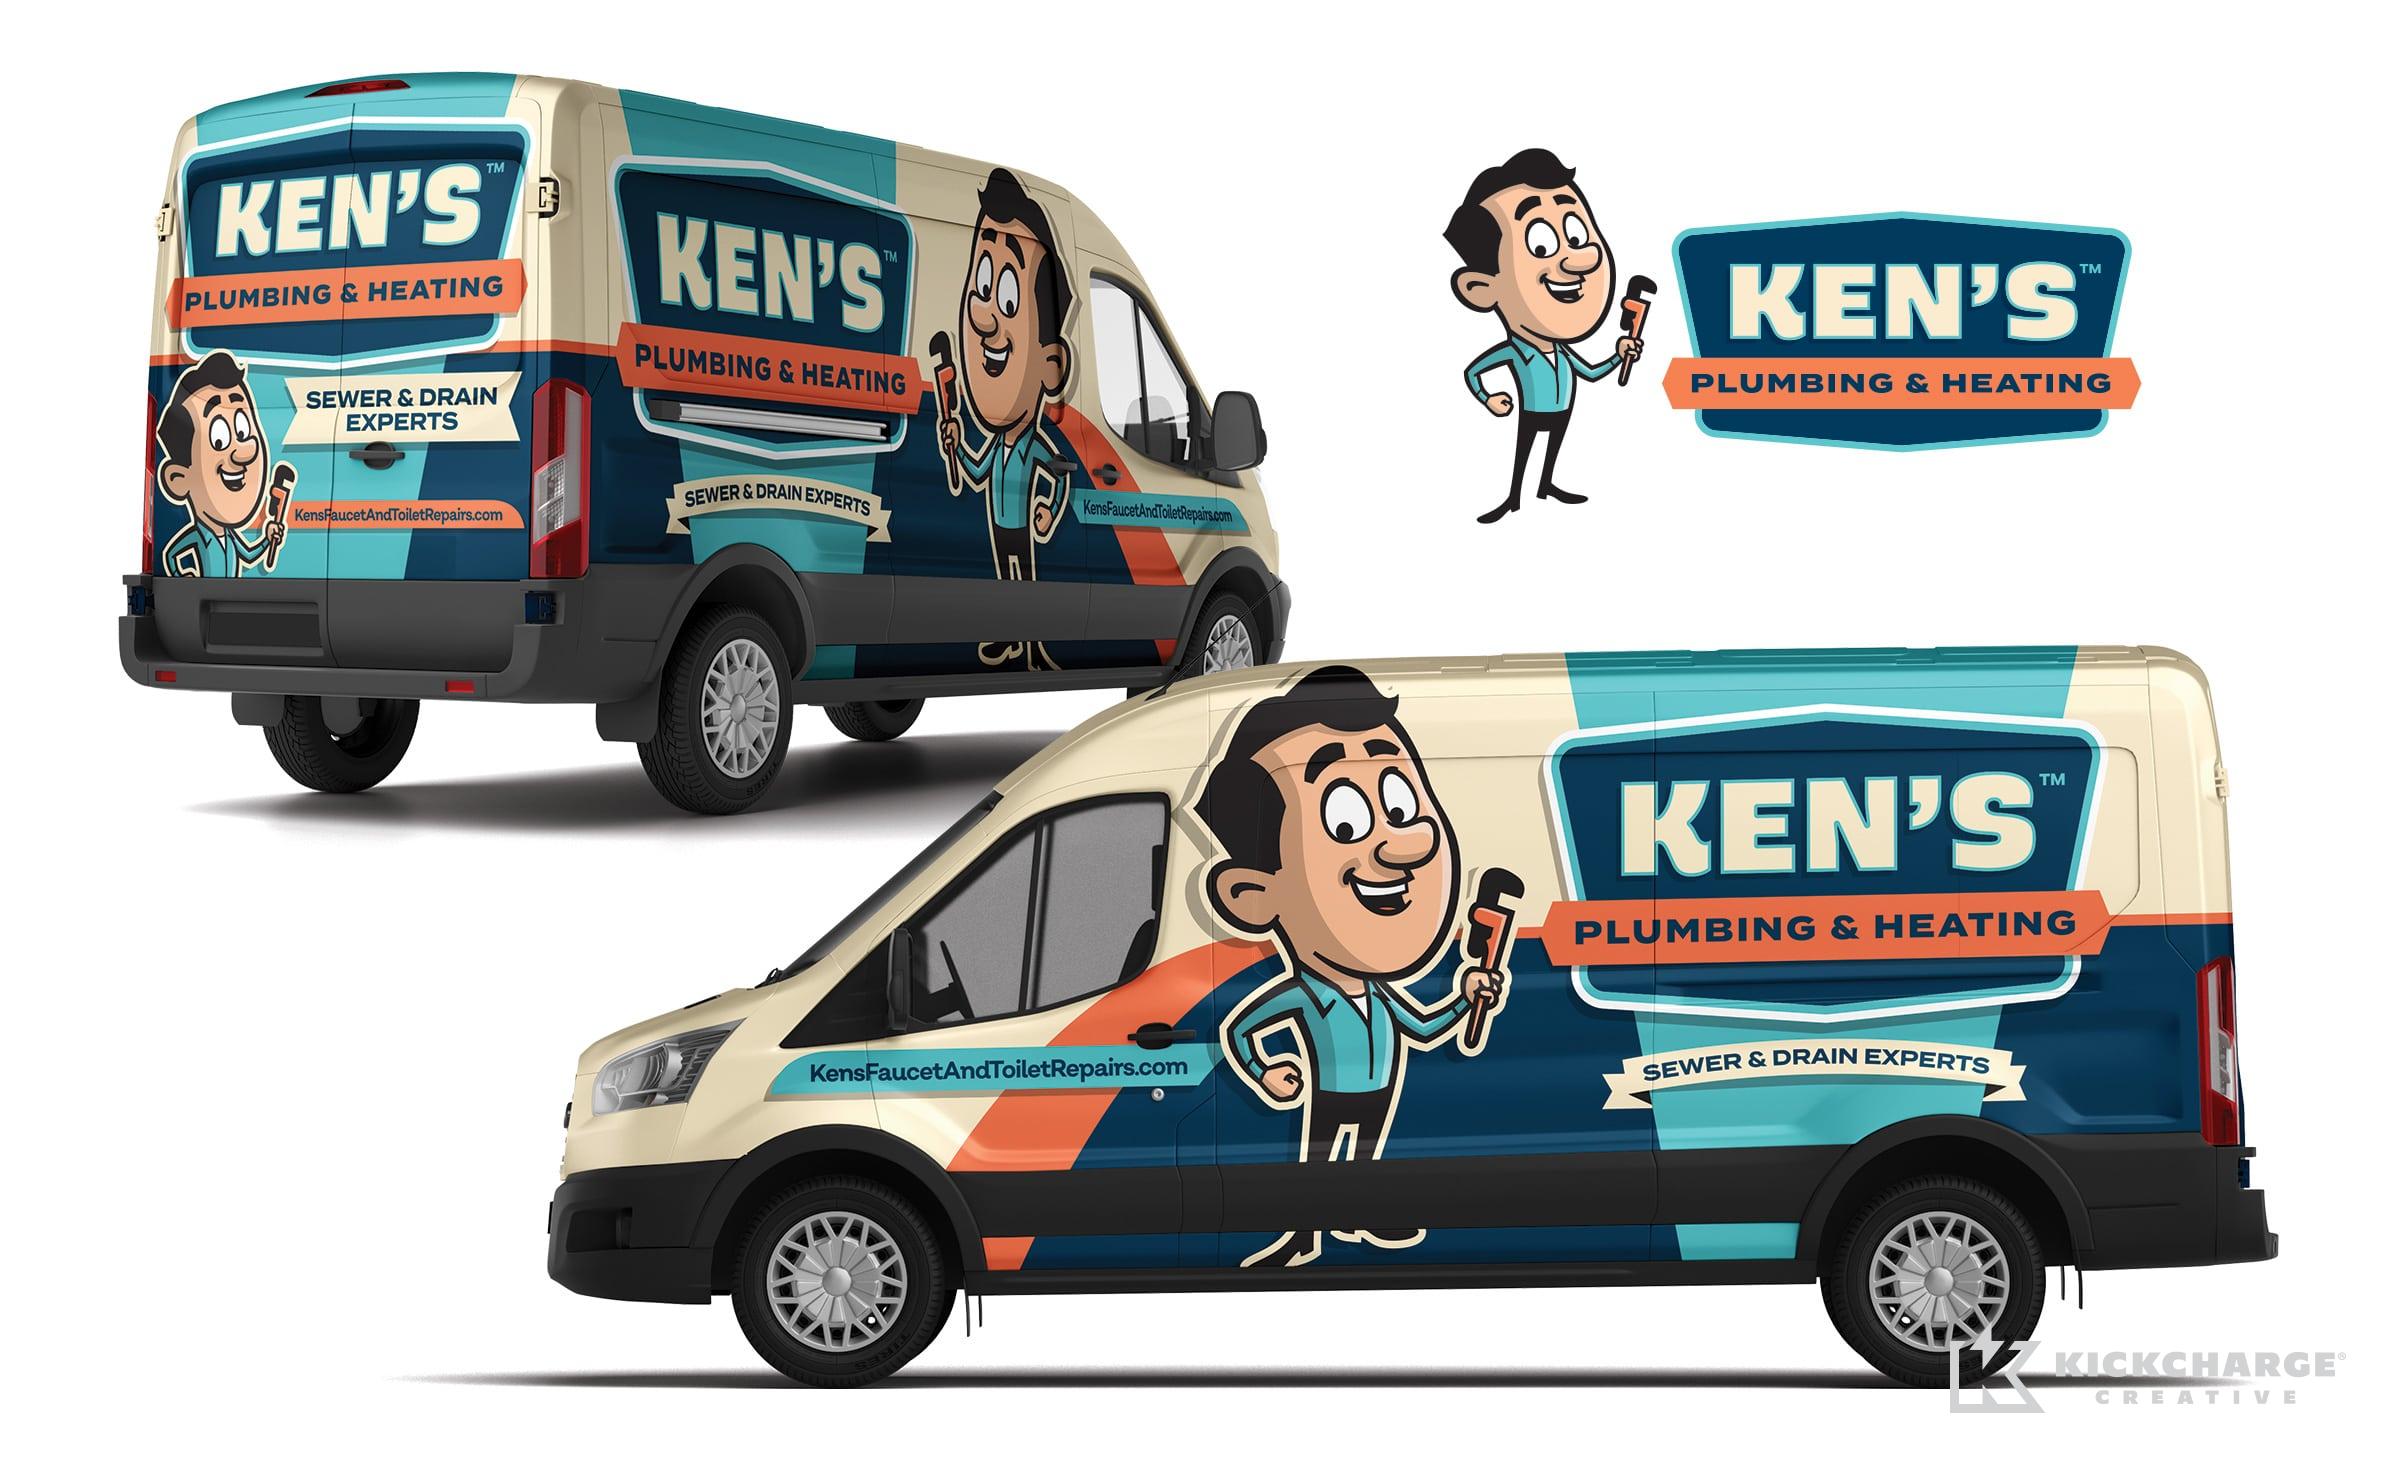 Ken's Plumbing & Heating